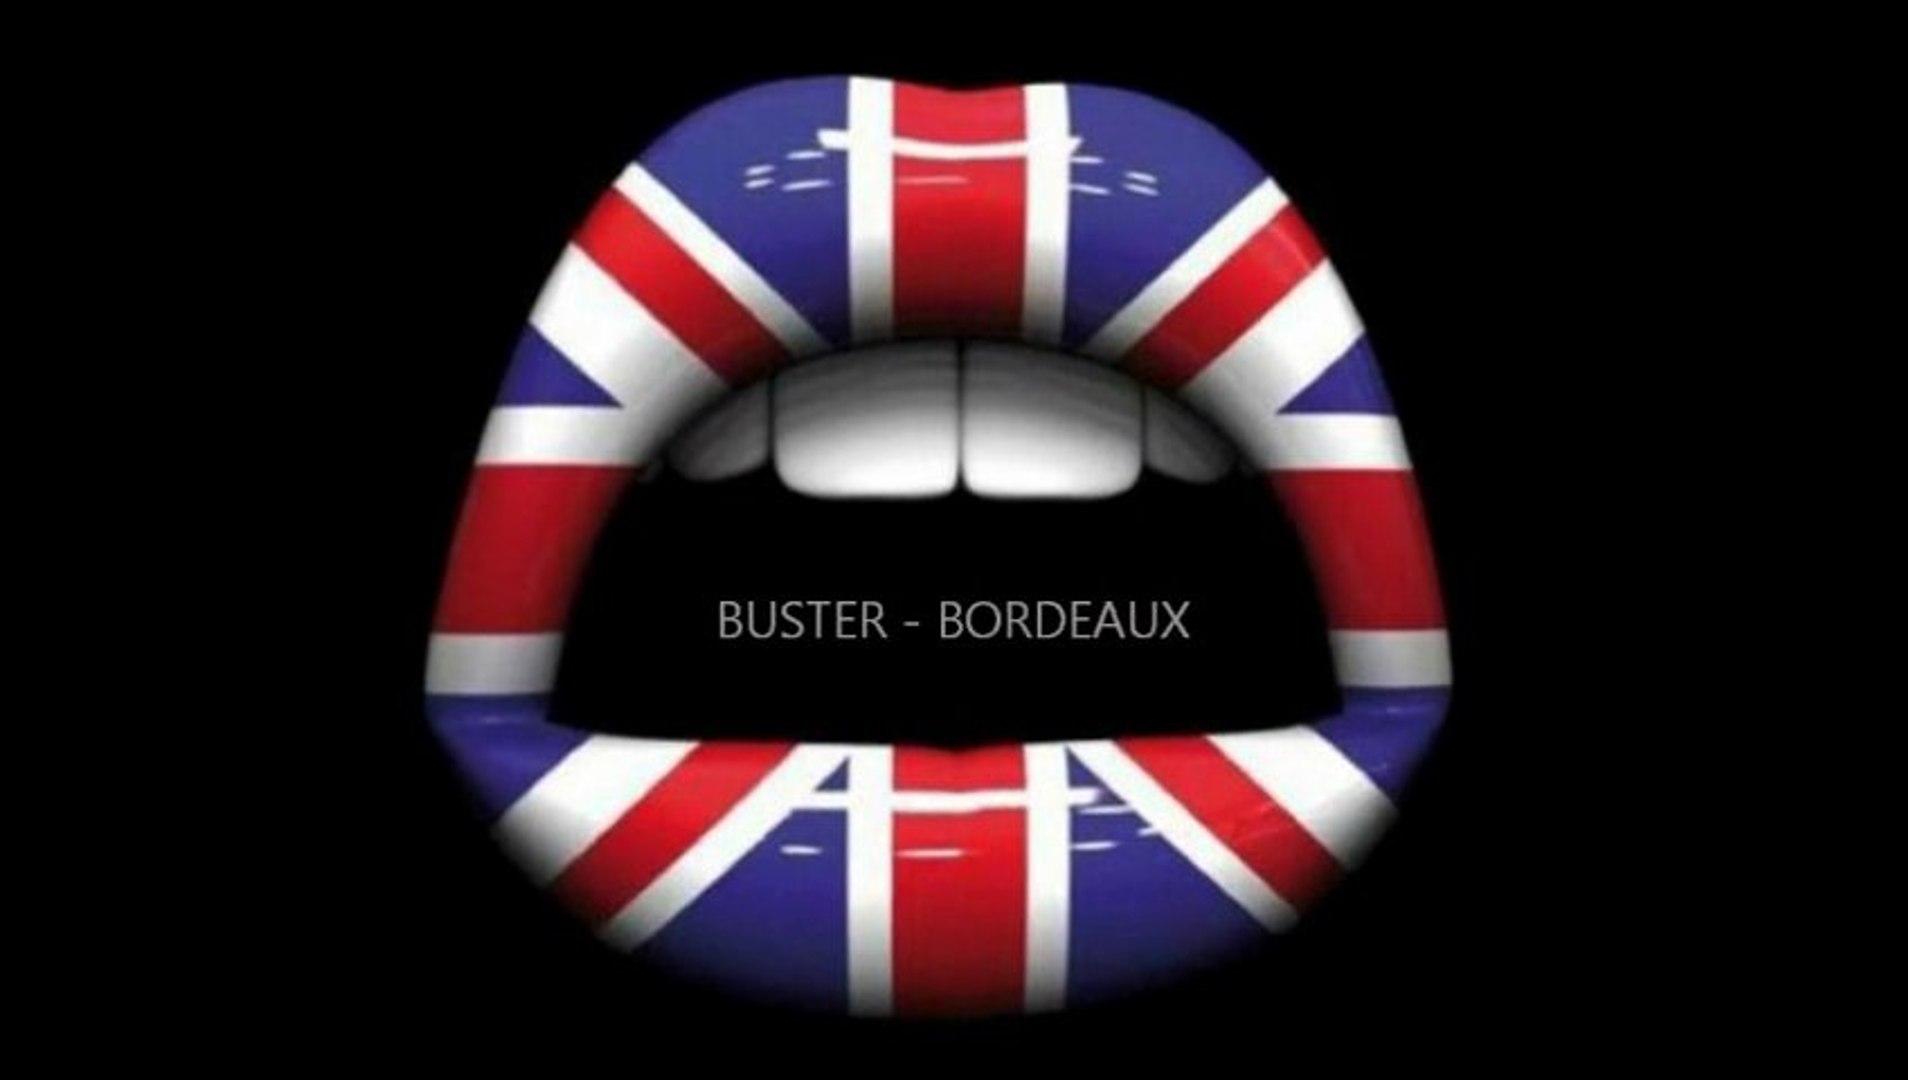 CLIP DE LA SOIREE CABARET DU BUSTER